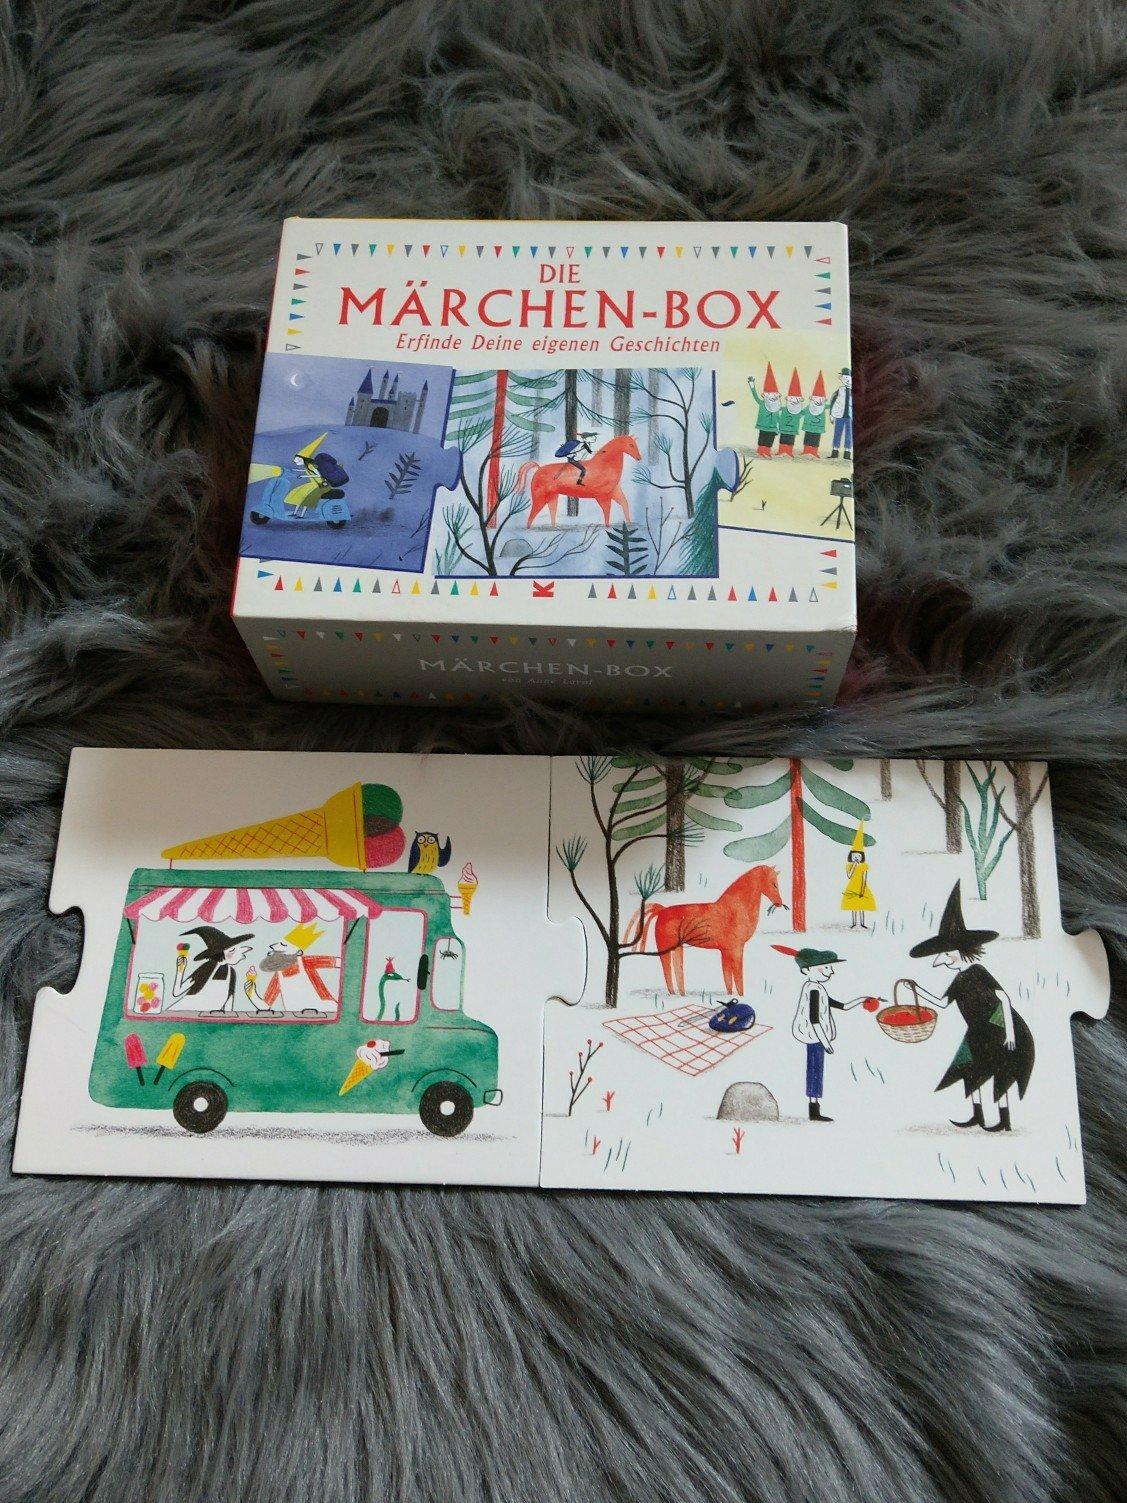 Ein Endlospuzzle für Kinder und Erwachsene. Hier werden Geschichten erzählt, die jedes mal in Handlung und Ende varrieren. Der Fantasie sind keine Grenzen gesetzt.